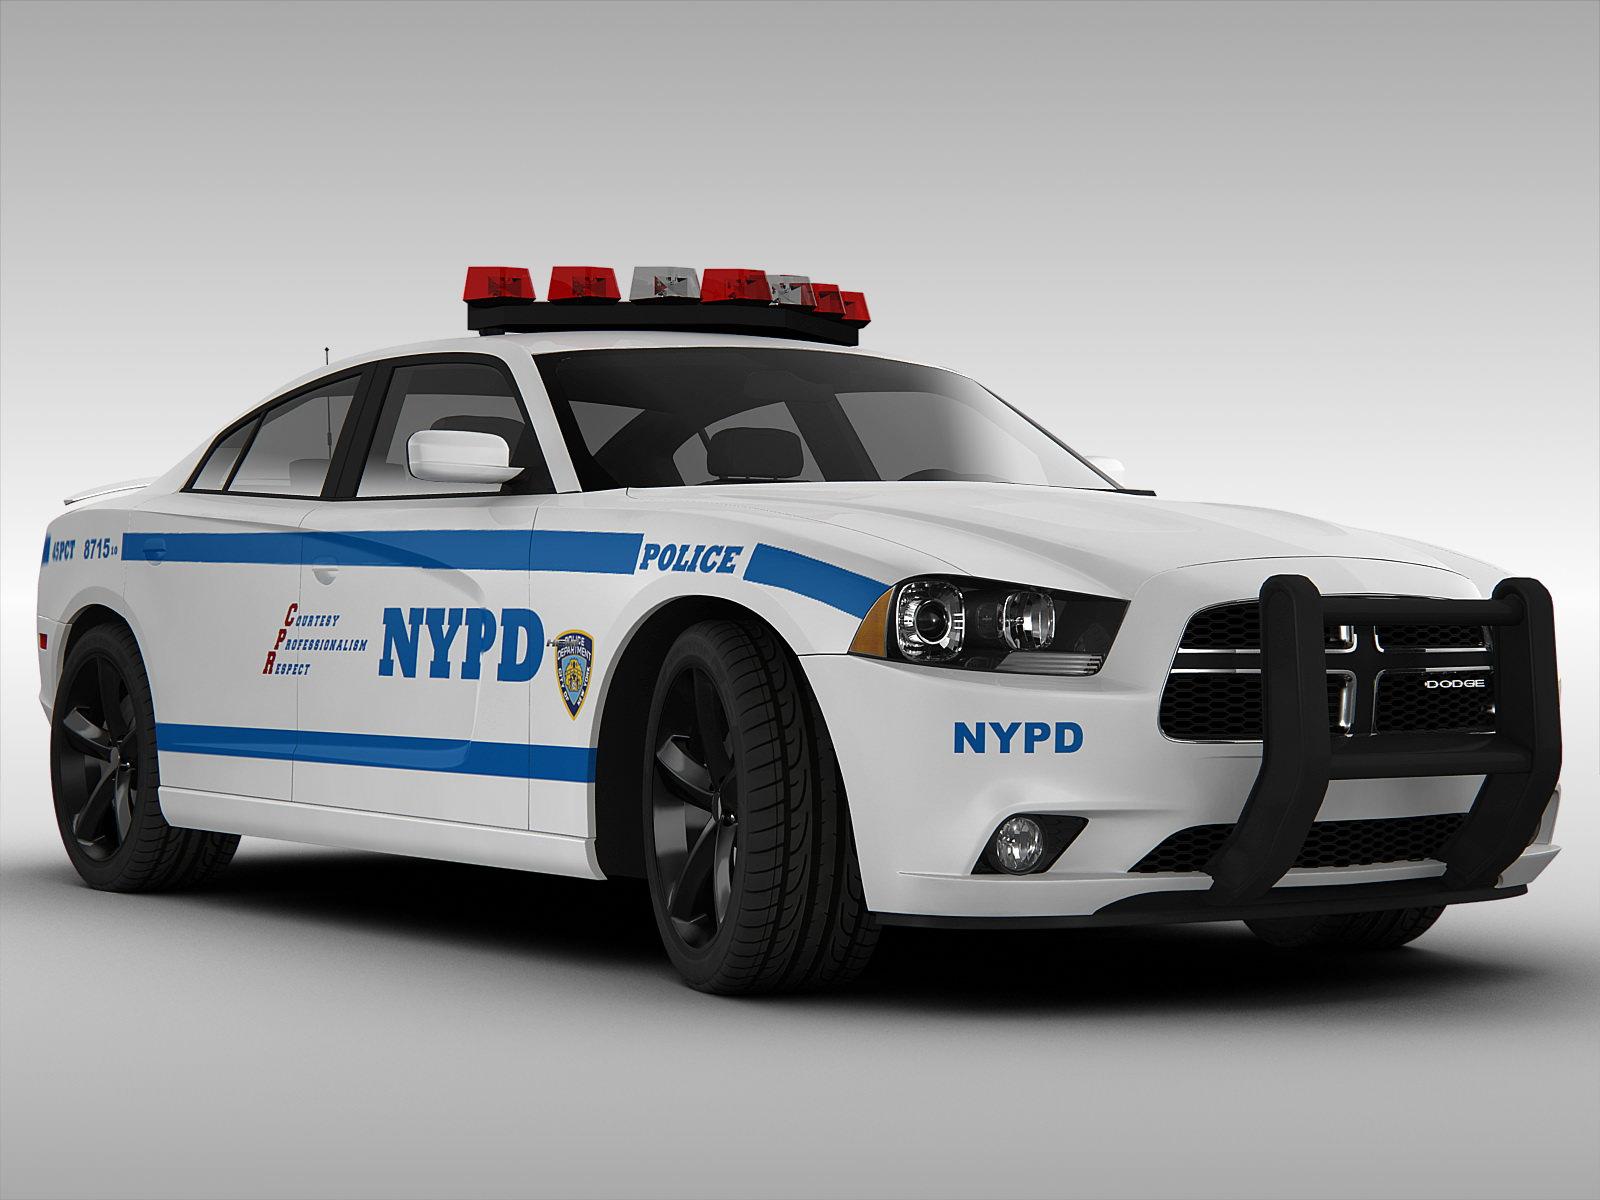 dodge charger nypd police car 2013 3d models. Black Bedroom Furniture Sets. Home Design Ideas